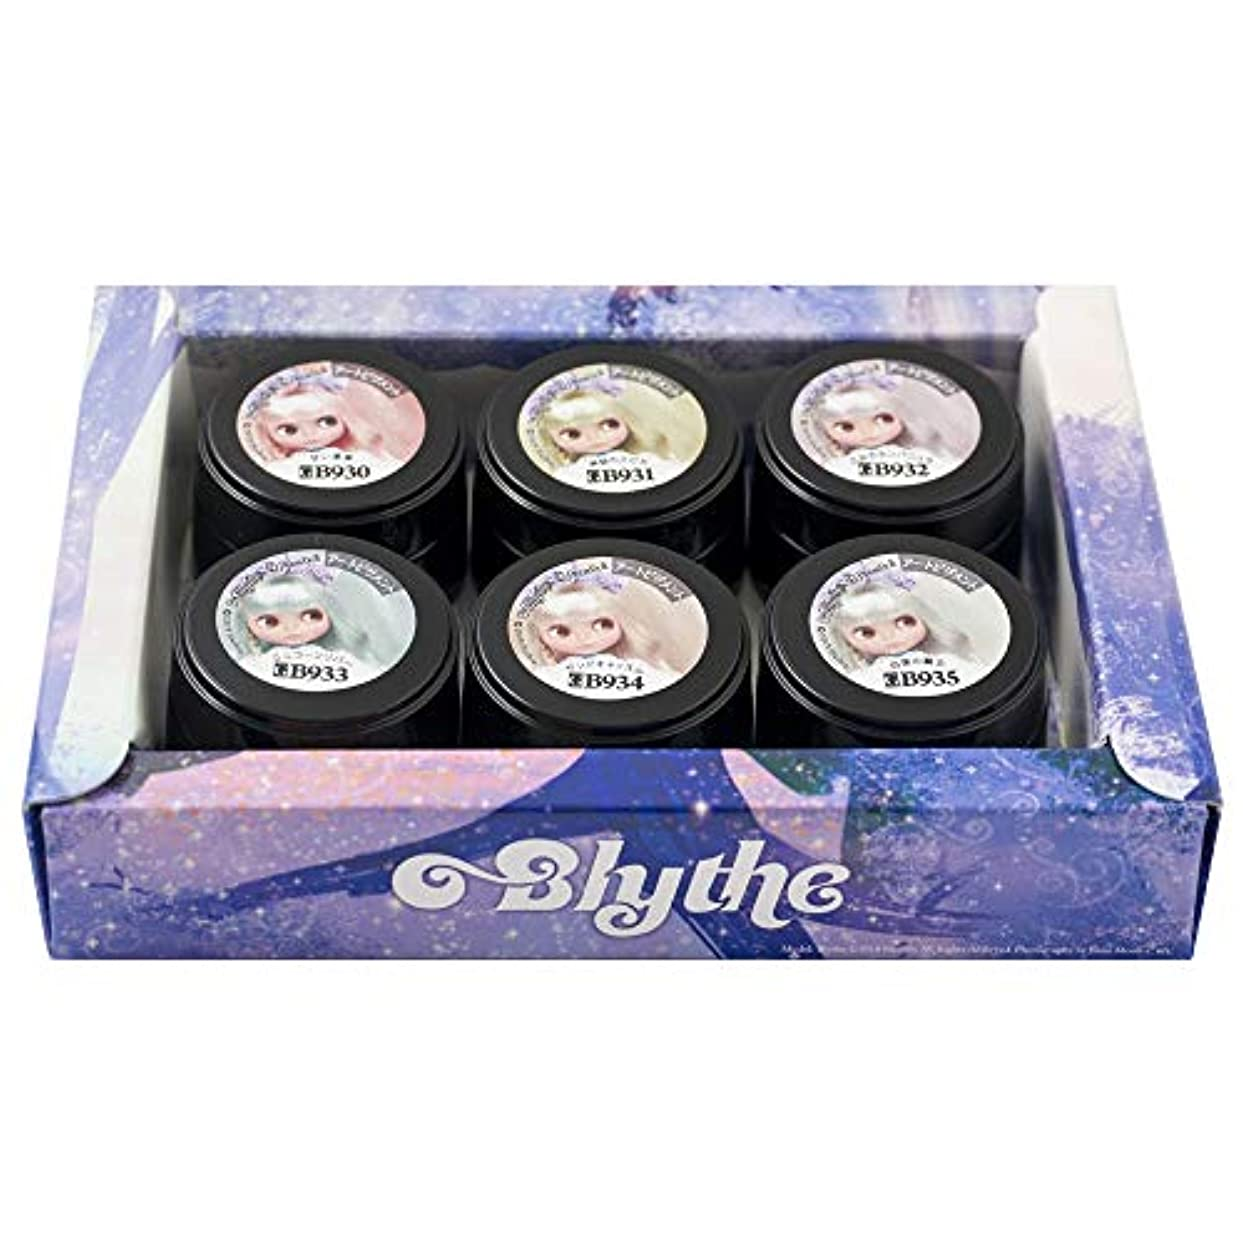 分注するエレベーター困難PRE GEL(プリジェル) PRE GEL プリムドール ユニコーンメイデン6色セット UV/LED対応 ジェルネイル 3g×6個